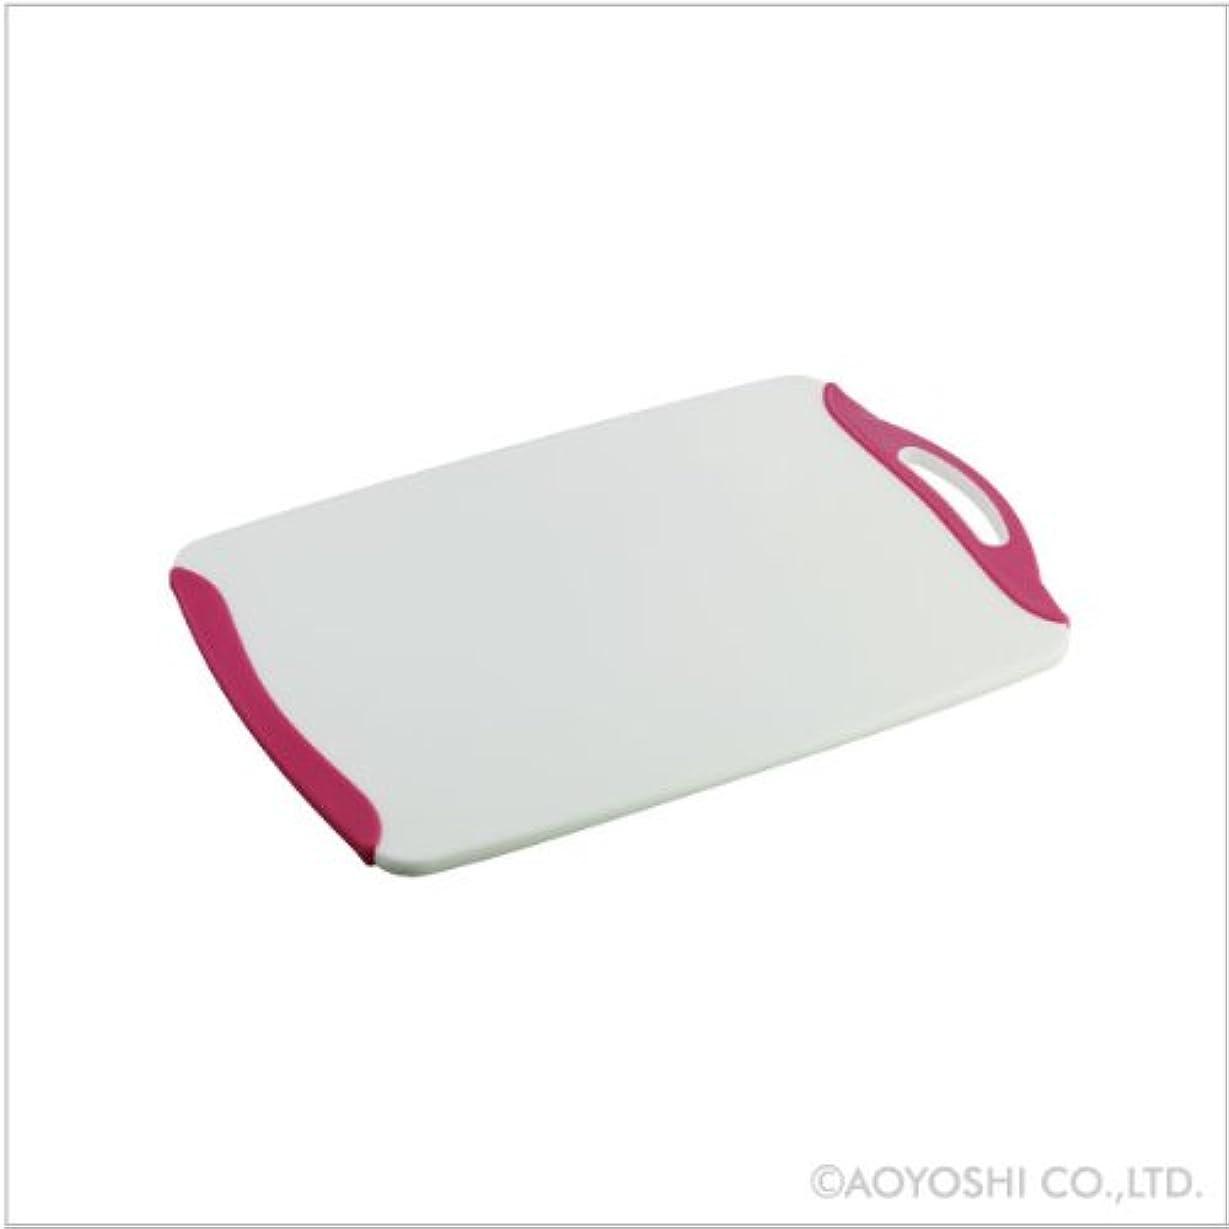 マイクロ望み徴収青芳 調理用まな板 ピンク W38×D24×H1.2cm